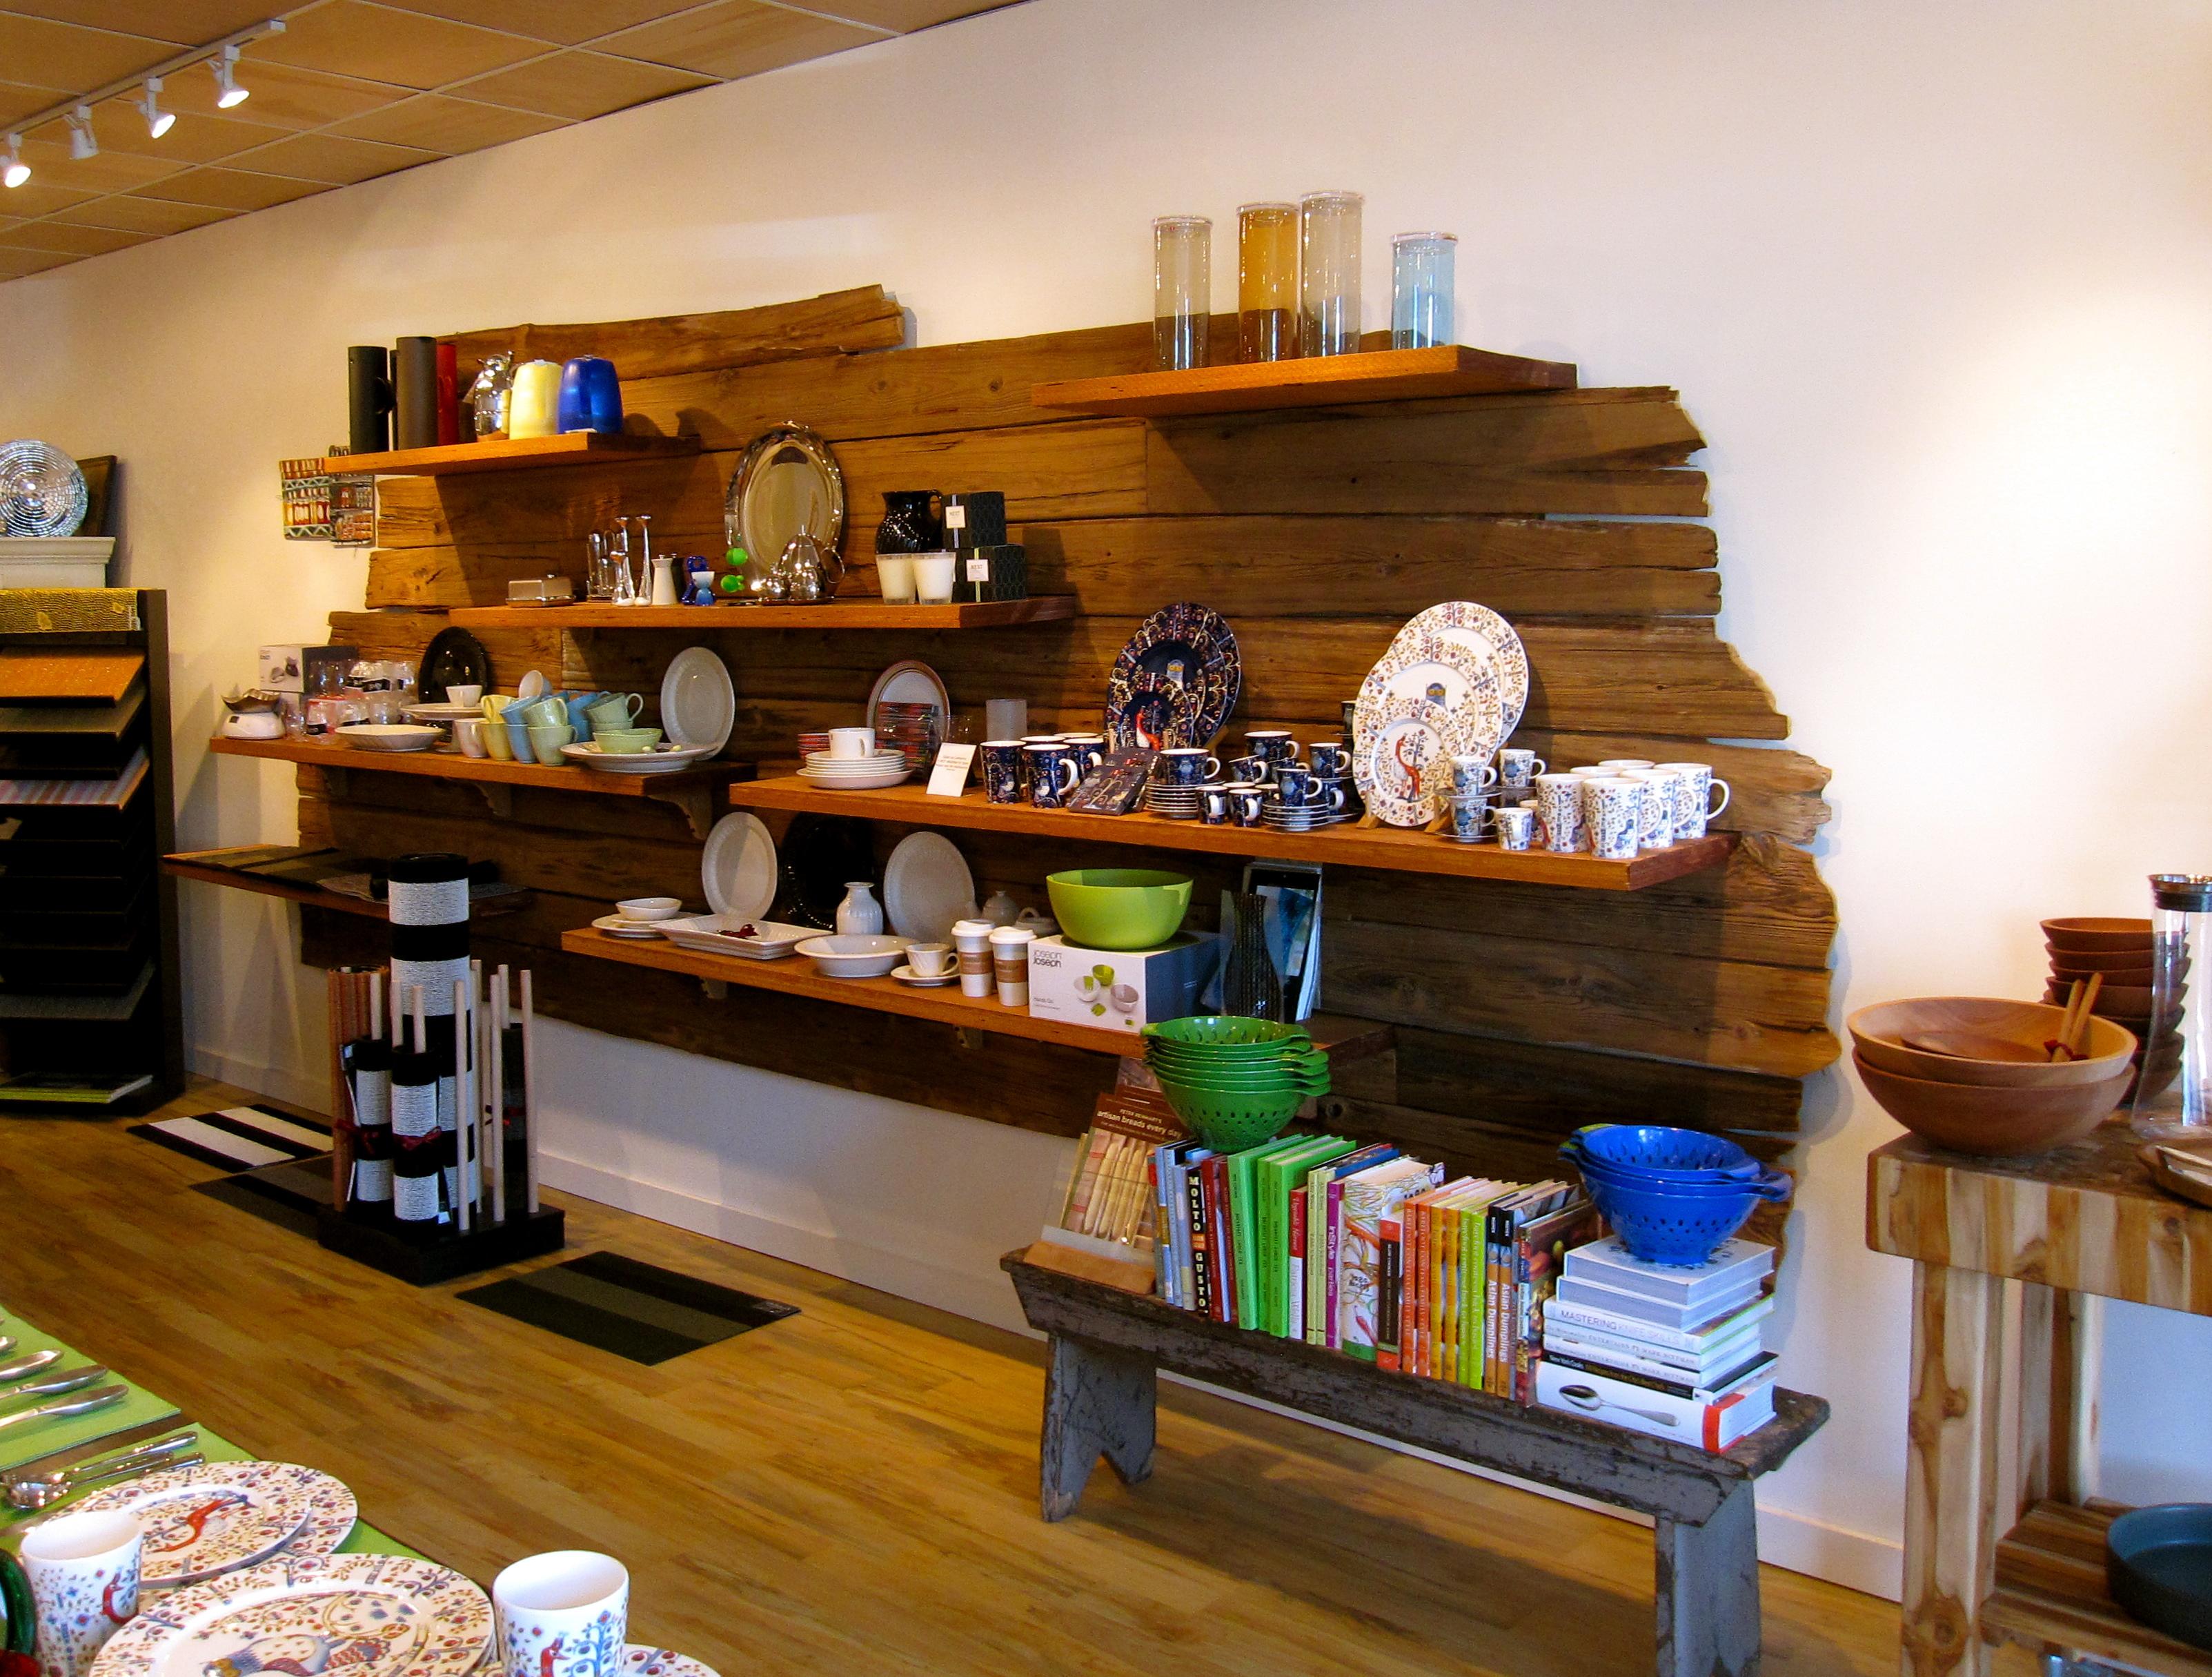 Bluecashew Kitchen Pharmacy Rhinebeck NY The Cayenne Room